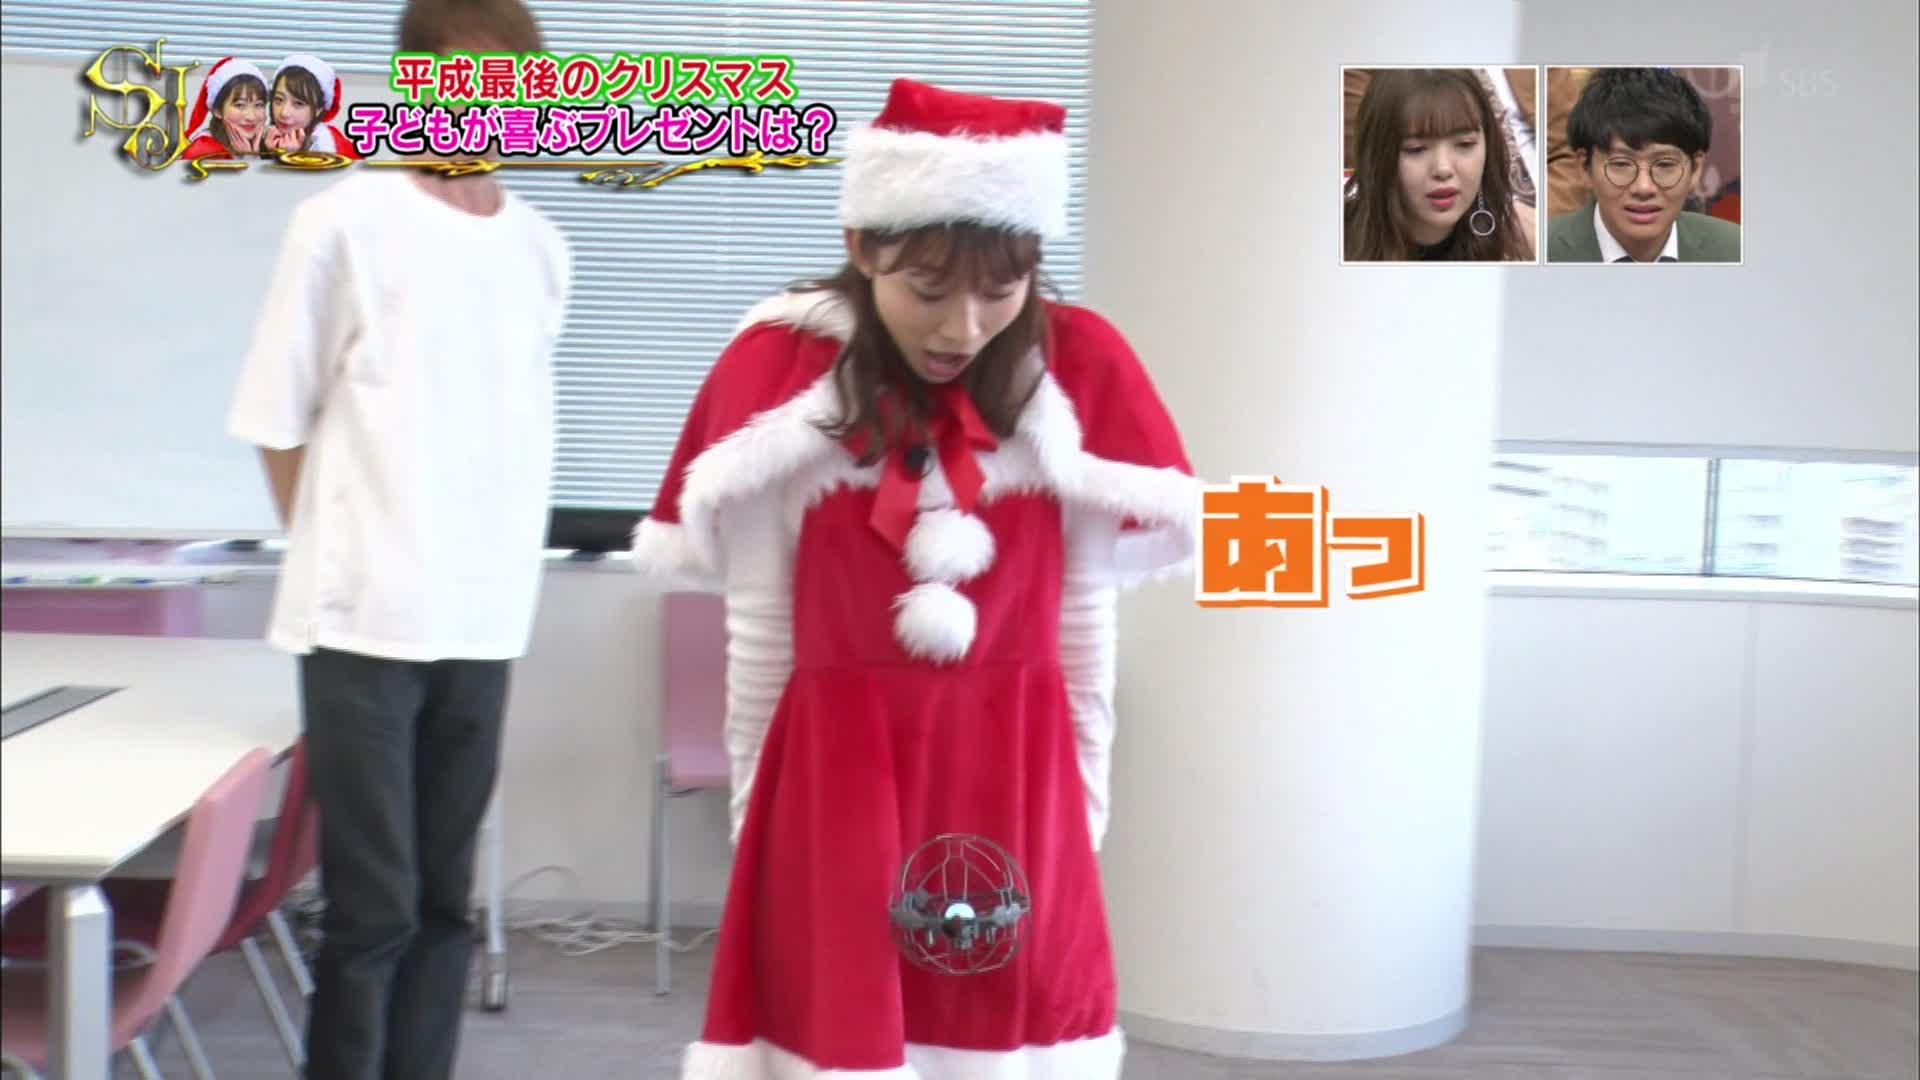 2018年12月23日TBS「サンデー・ジャポン」出演、宇垣美里さん、山本里菜さんのテレビキャプチャー画像-1097